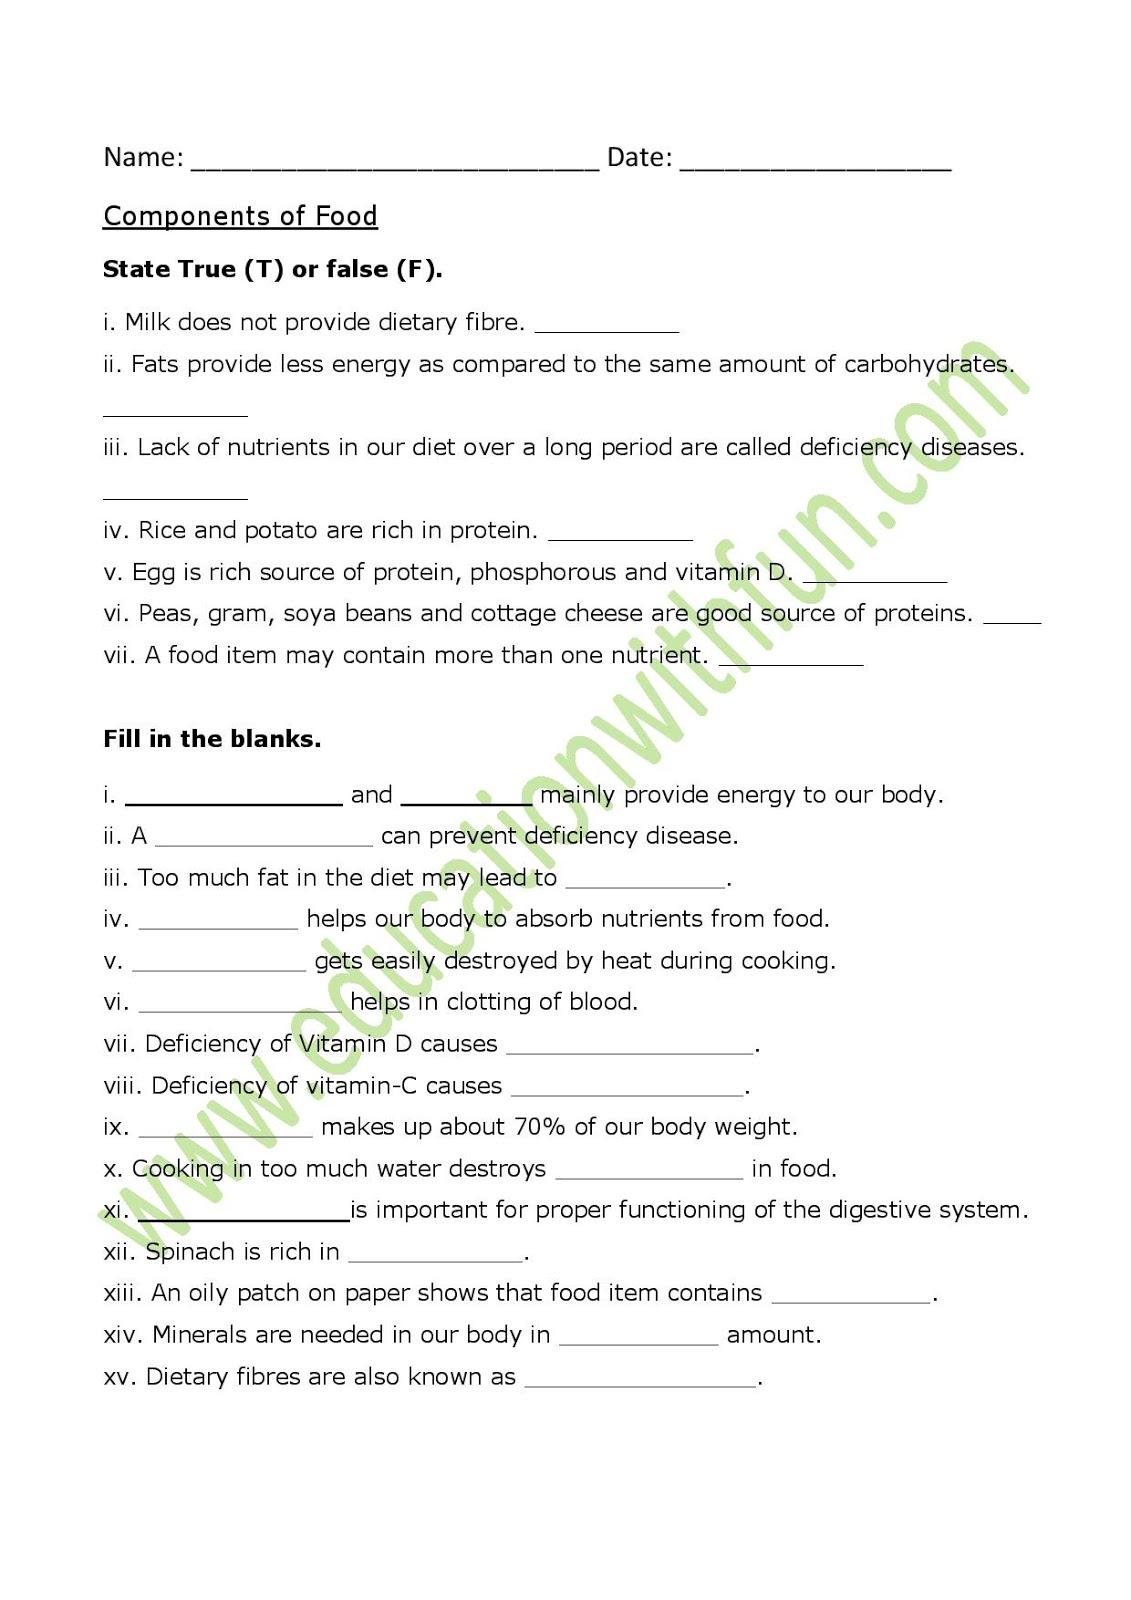 Class 6 Ch 2 Worksheet 1